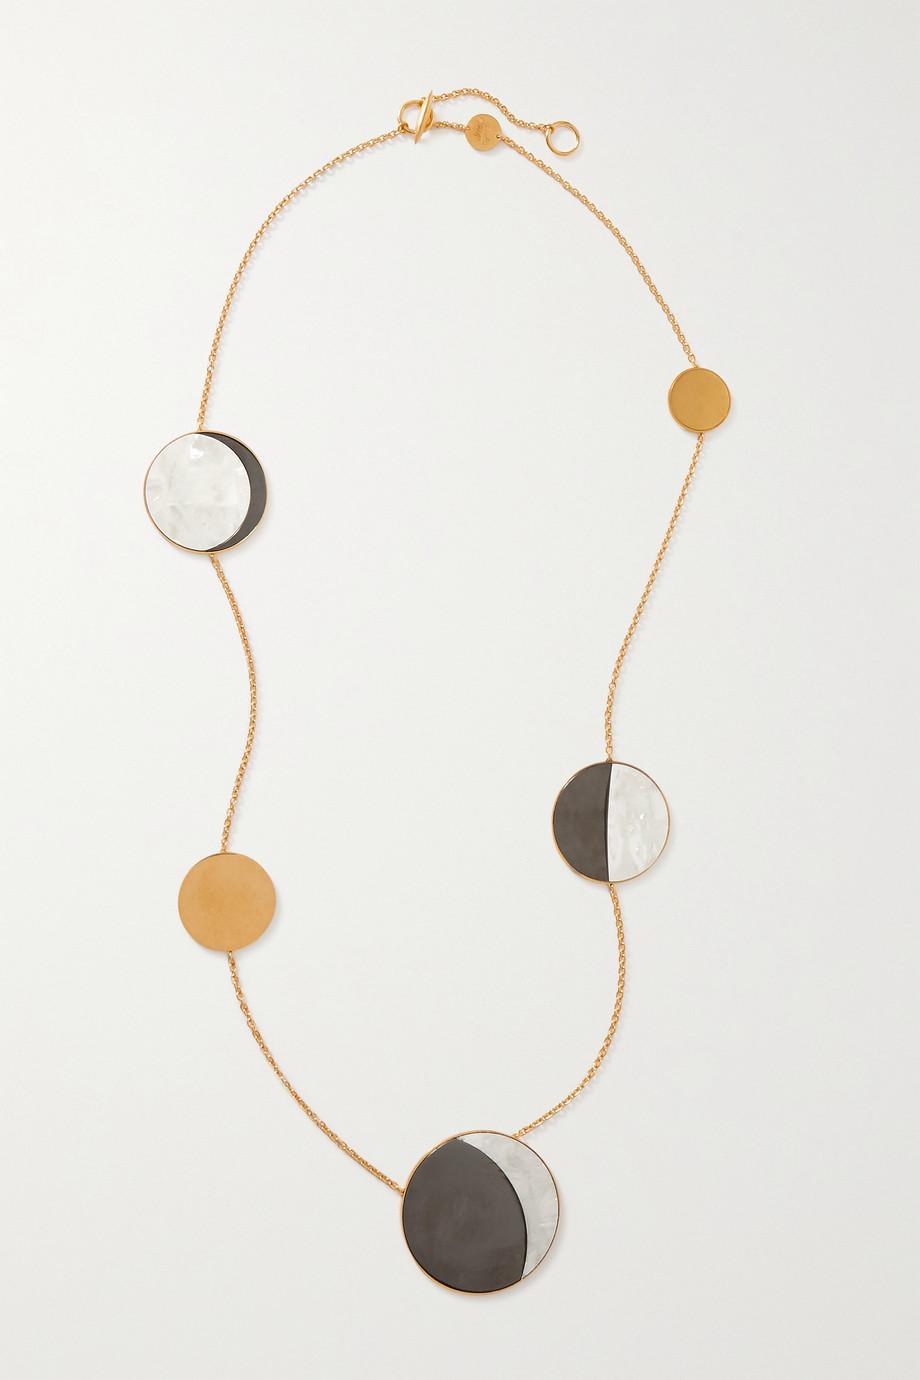 Loewe Collier en métal doré, acrylique et nacre Ellipse x Paula's Ibiza